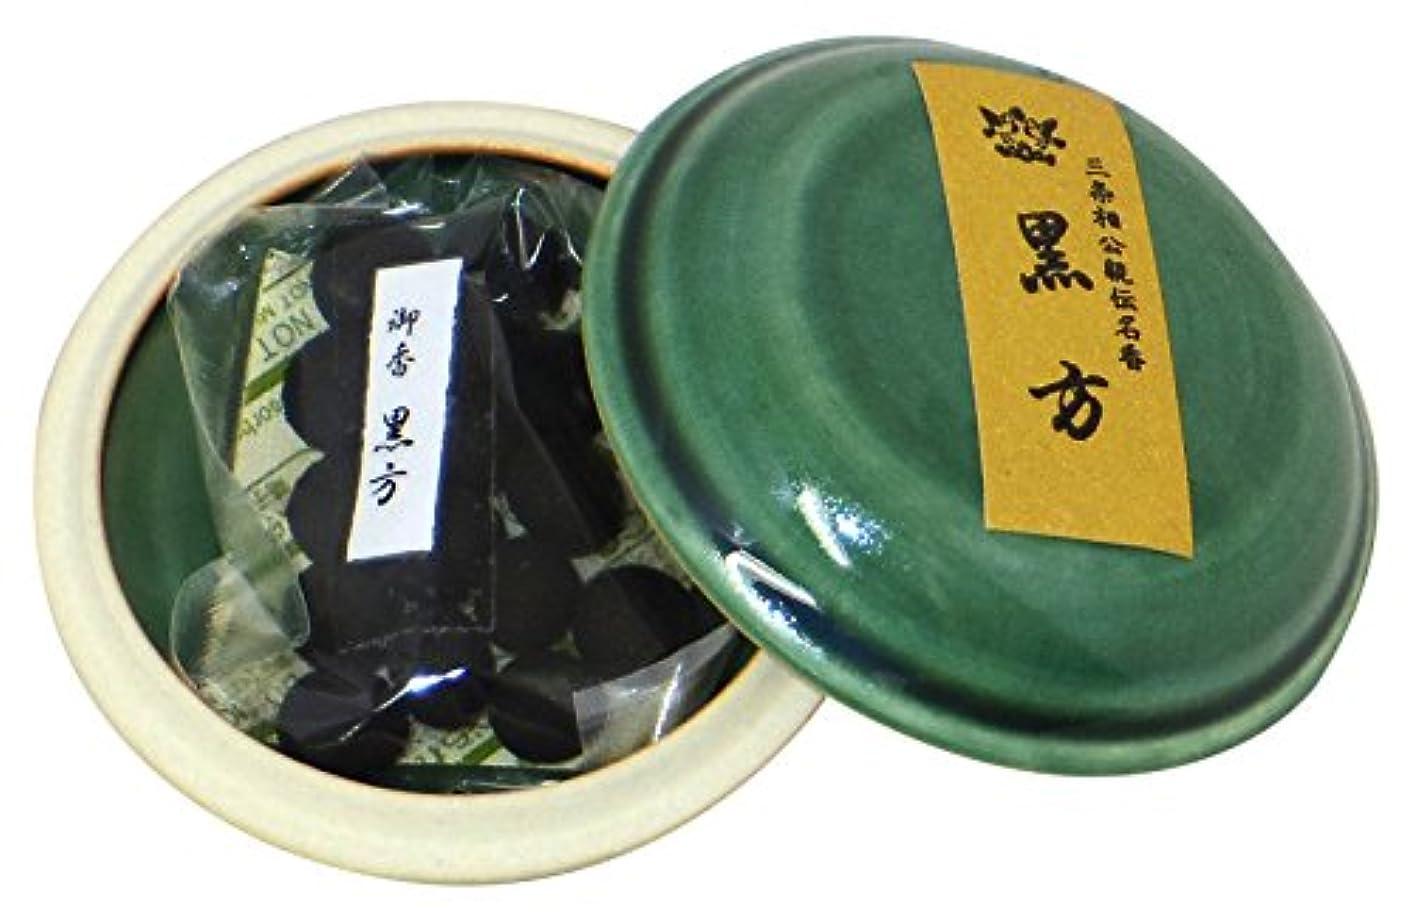 反対するネクタイ呪われた鳩居堂の煉香 御香 黒方 桐箱 たと紙 陶器香合8g入 #501